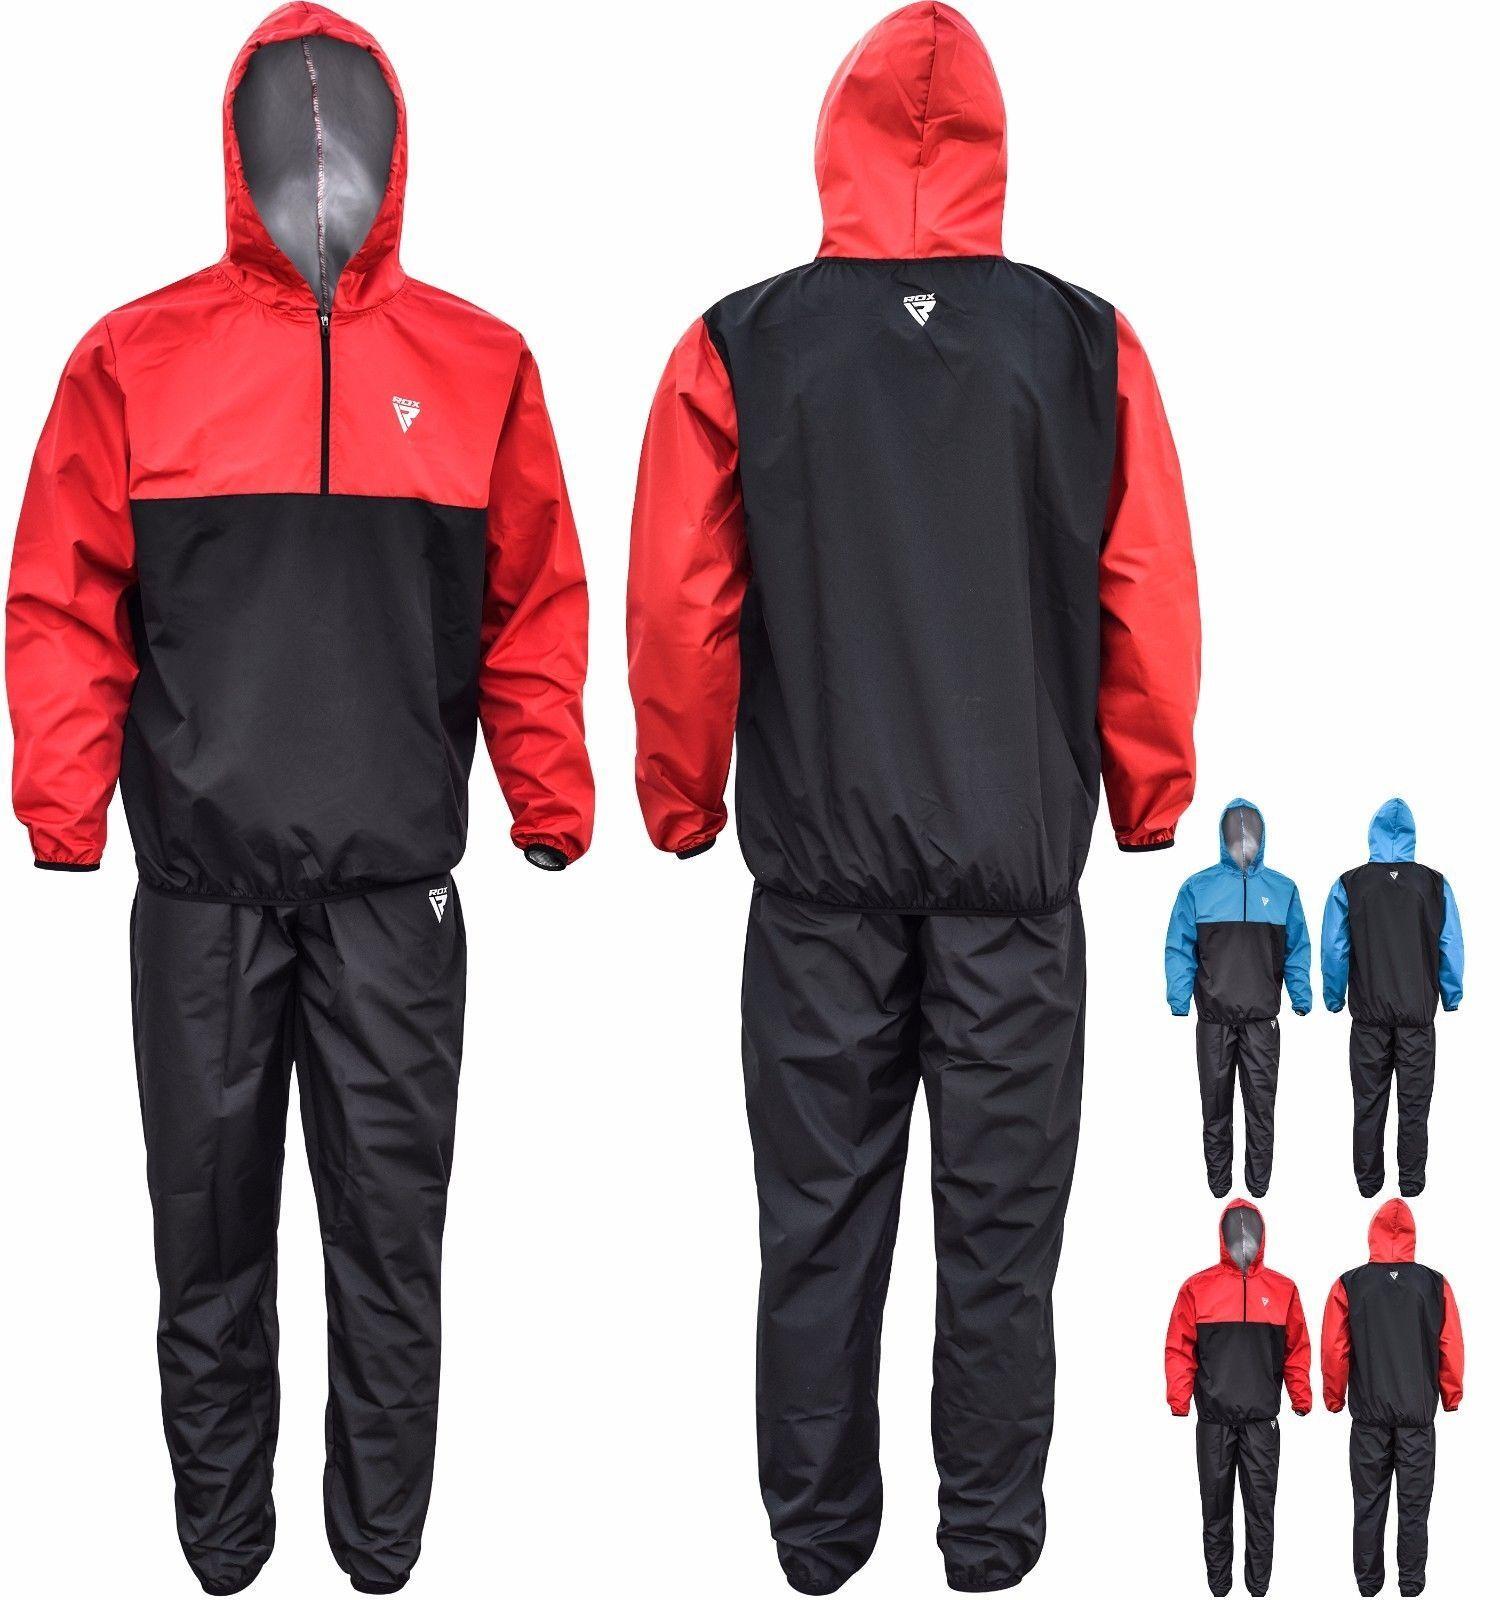 RDX Combinaison Sudation Fitness SurvêteSiet EntraîneSiet Sauna Suit Perte Poids